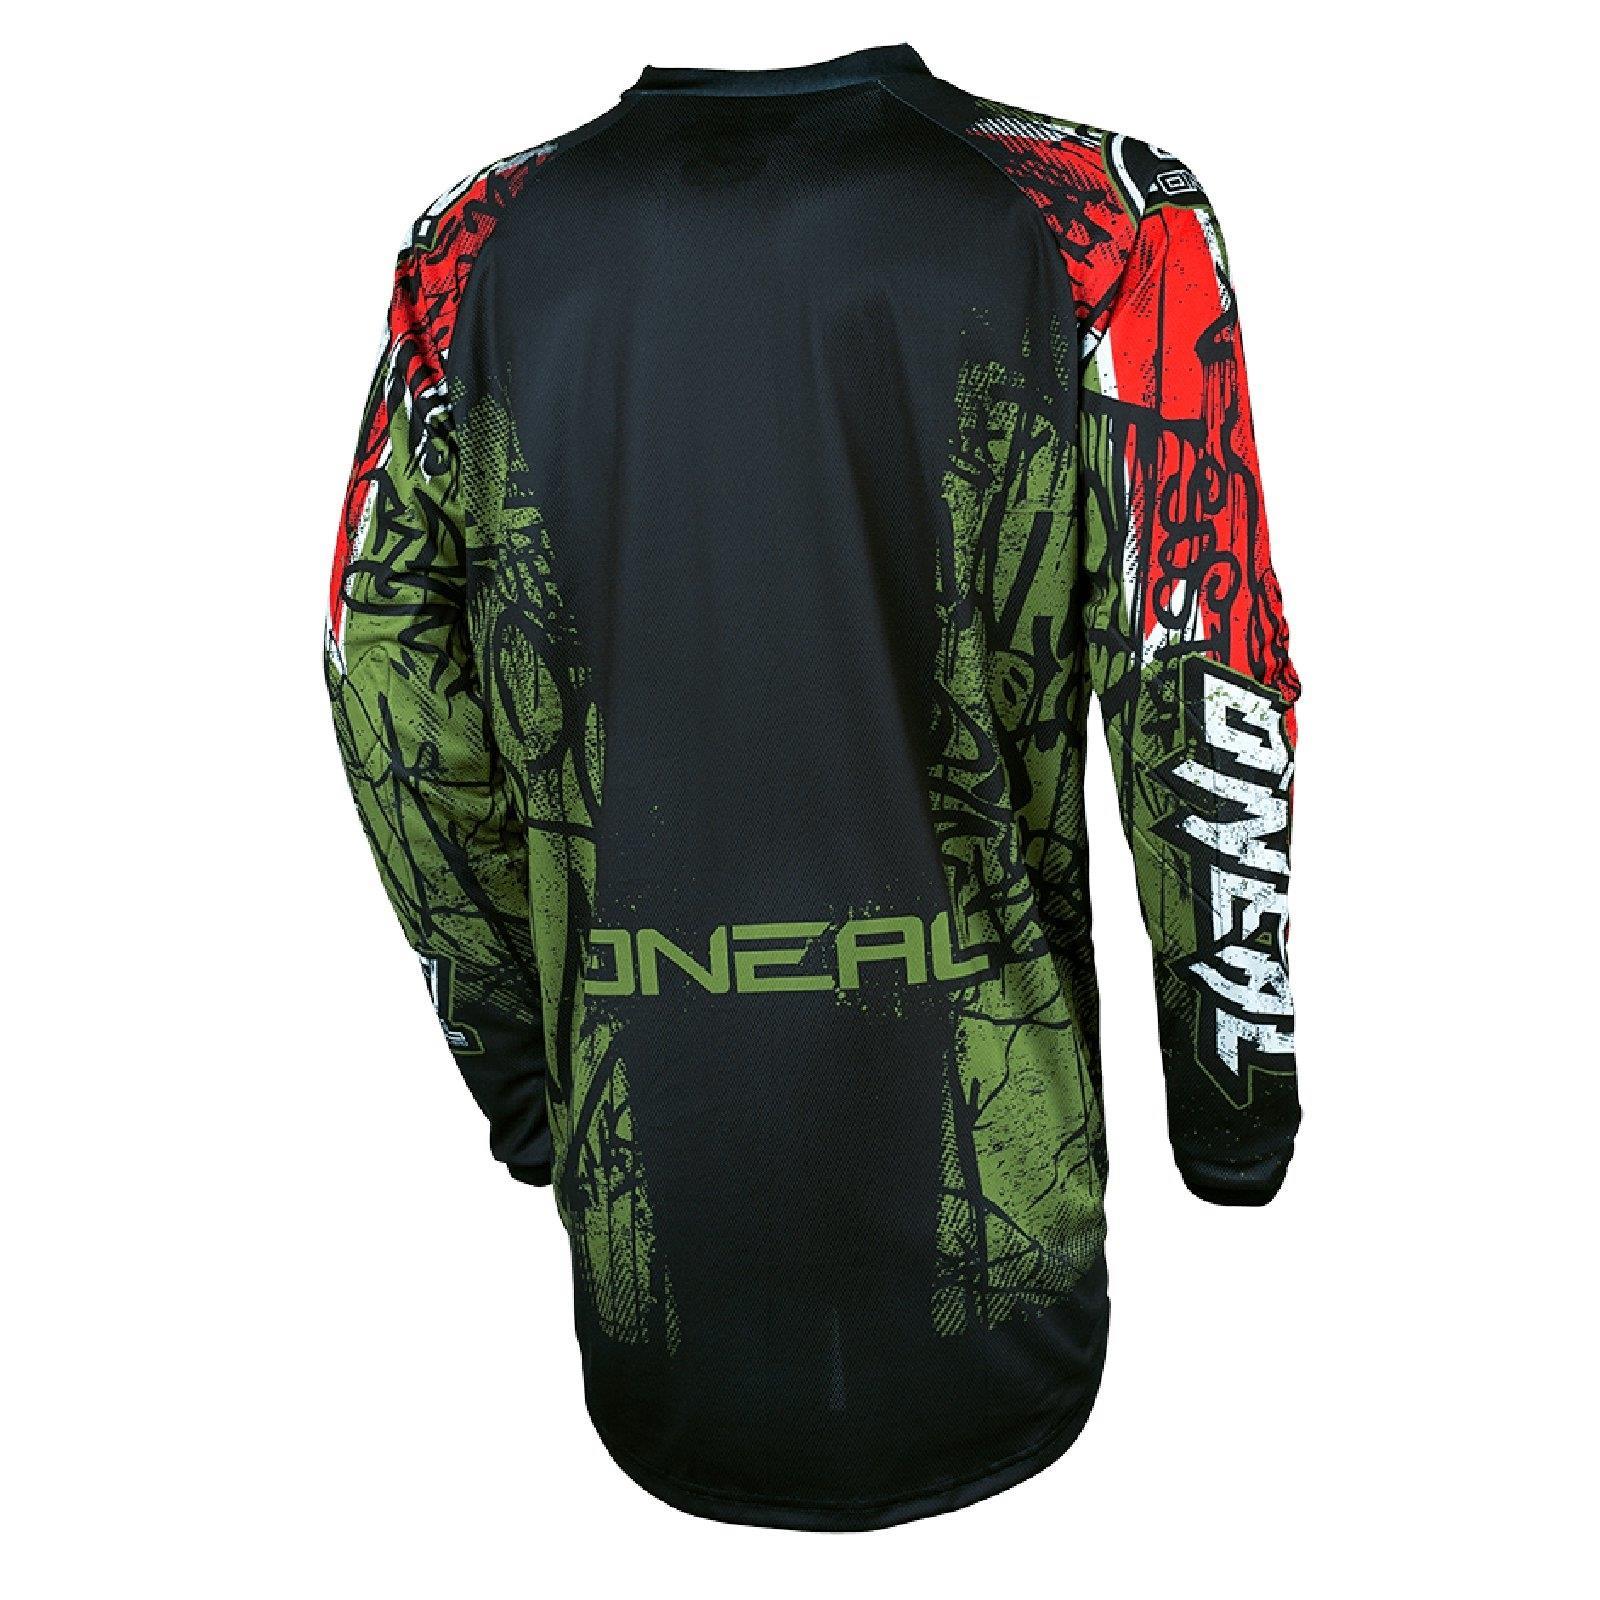 ONEAL-Element-MX-Jersey-VANDAL-maglietta-moto-cross-SX-ENDURO-conducente-Camicia-terreno miniatura 5